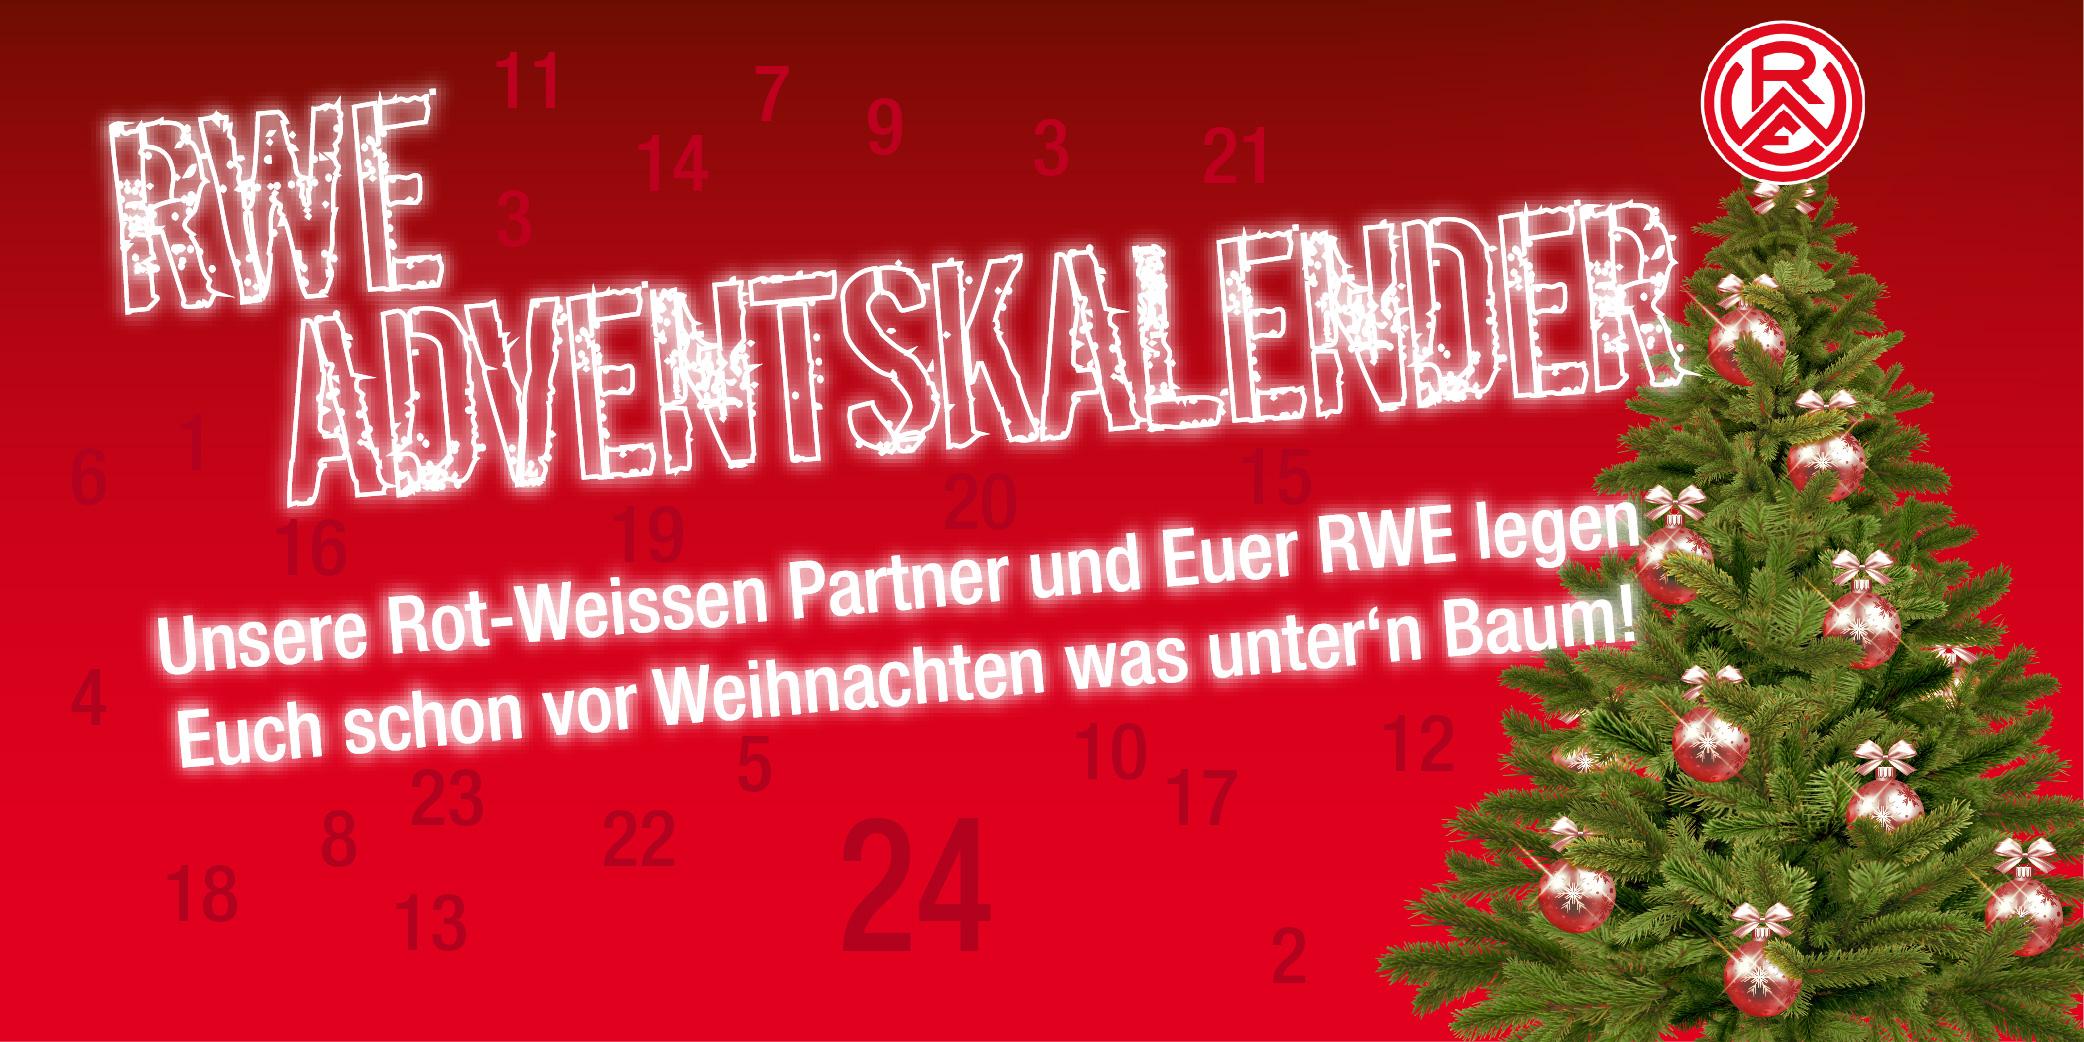 Auch in diesem Jahr können sich RWE-Fans über attraktive Preise freuen.